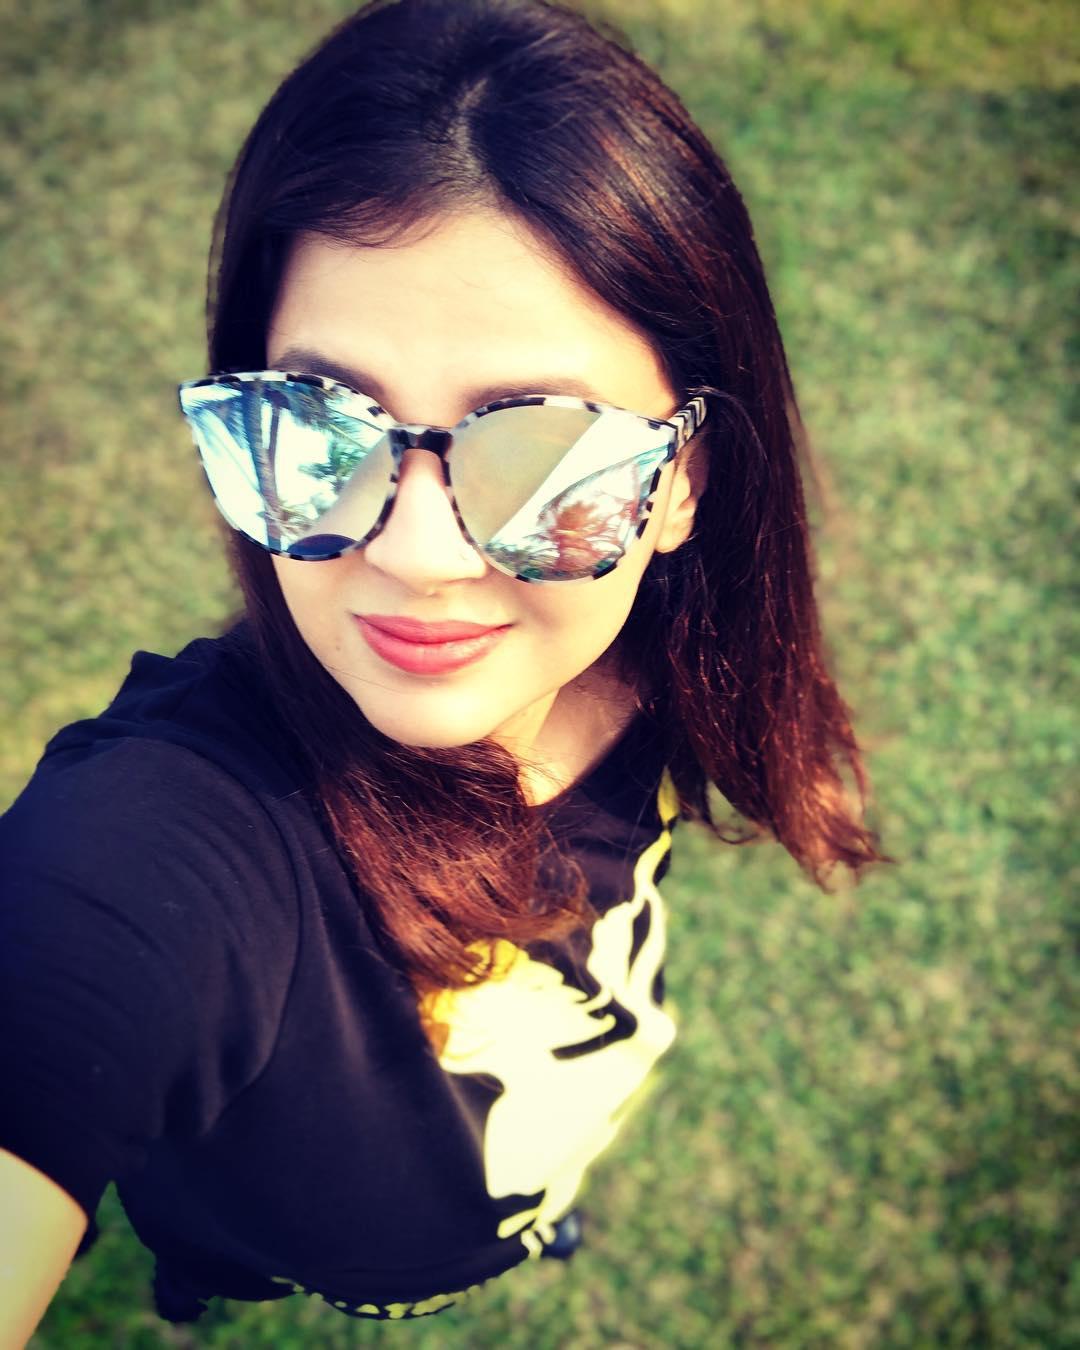 సాక్షి సింగ్ ధోని(Photo: sakshisingh_r/Instagram)